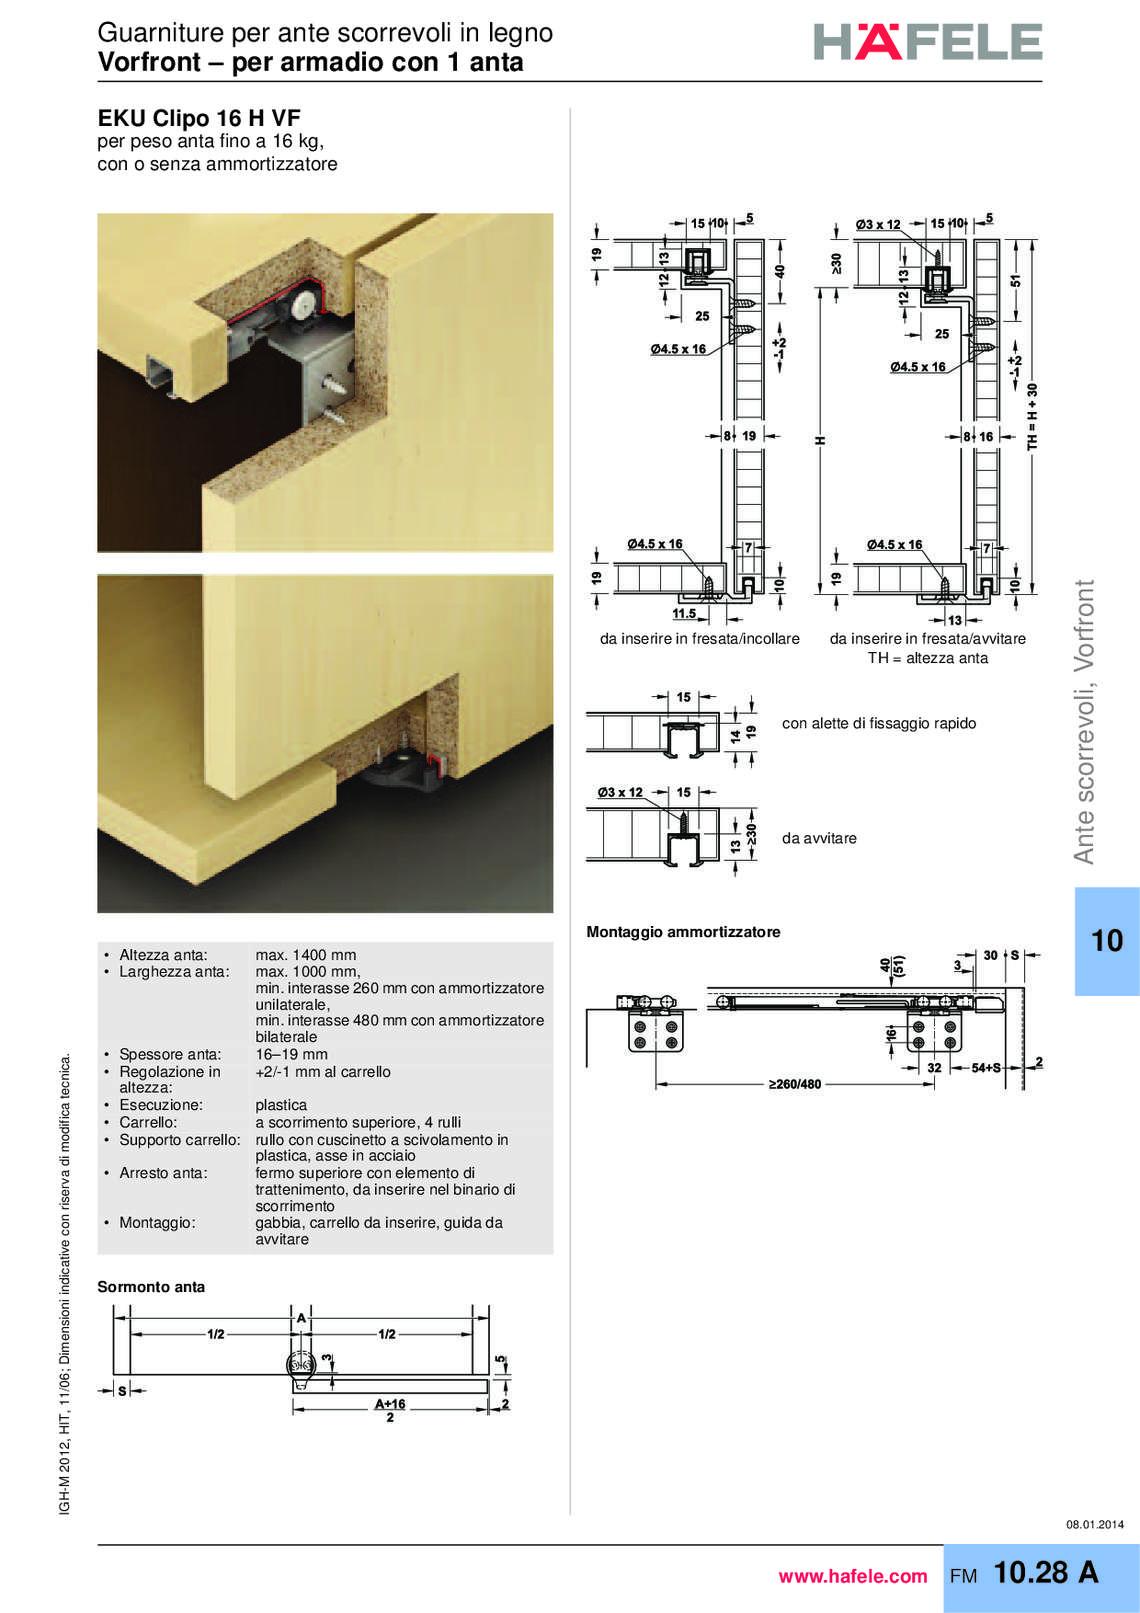 Catalogo hafele ante scorrevoli e serrande di h fele for Catalogo di mobili